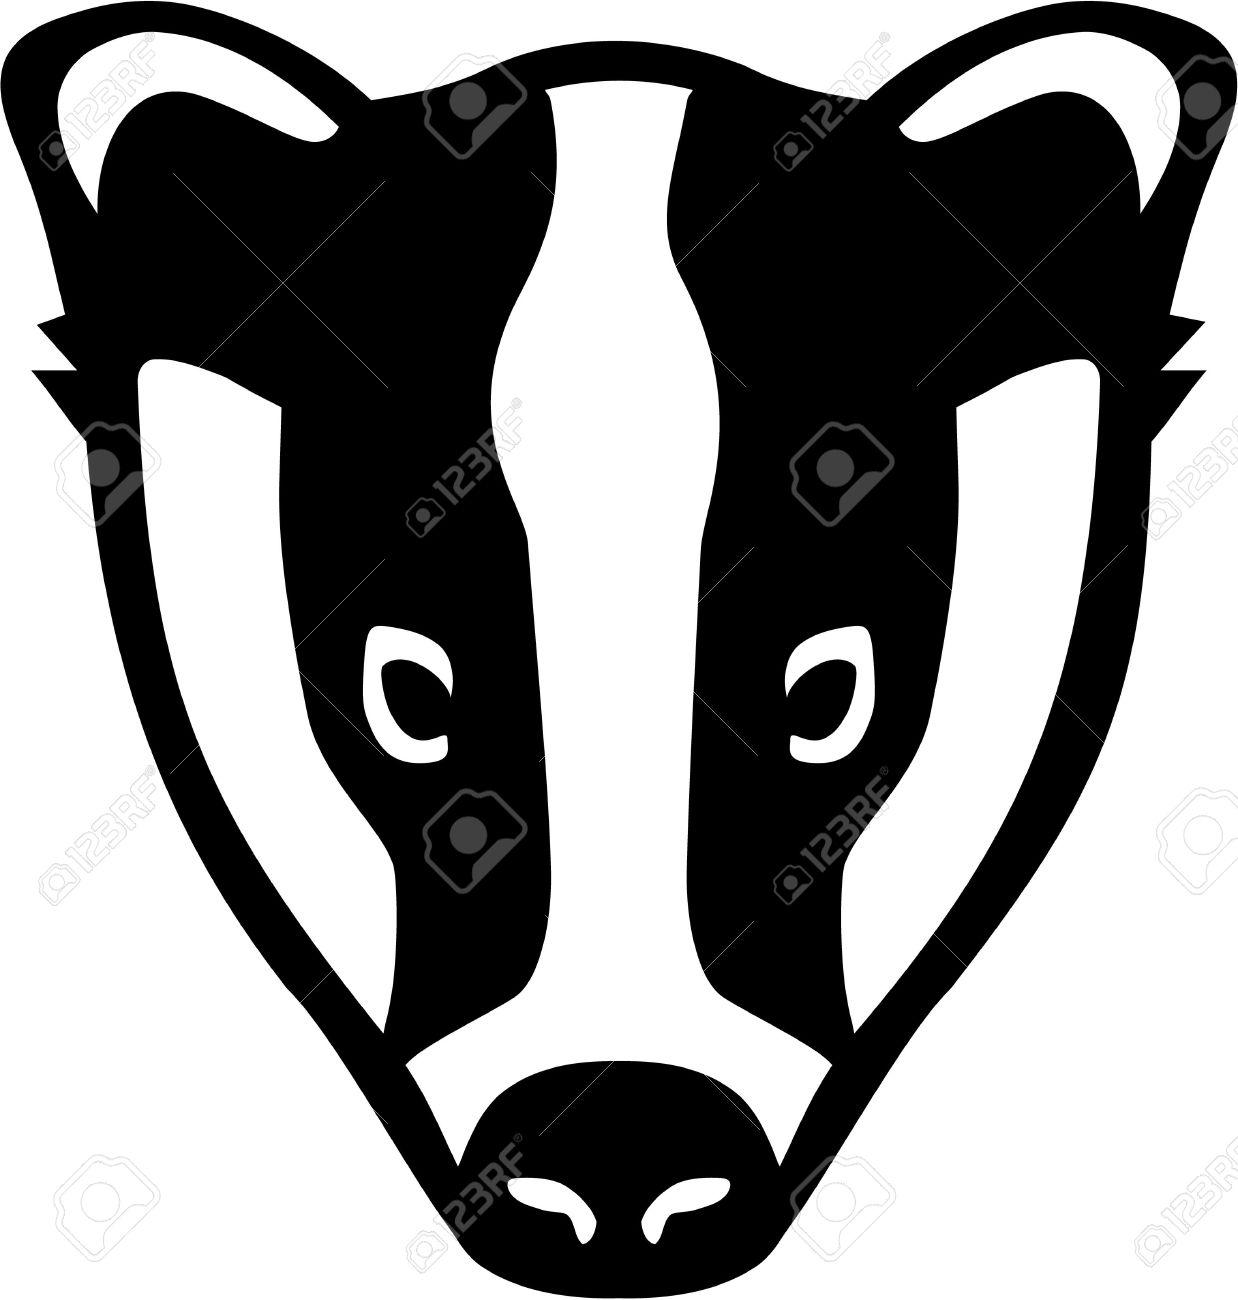 Badger Clipart Outline - ClipartFest-Badger clipart outline - ClipartFest-10